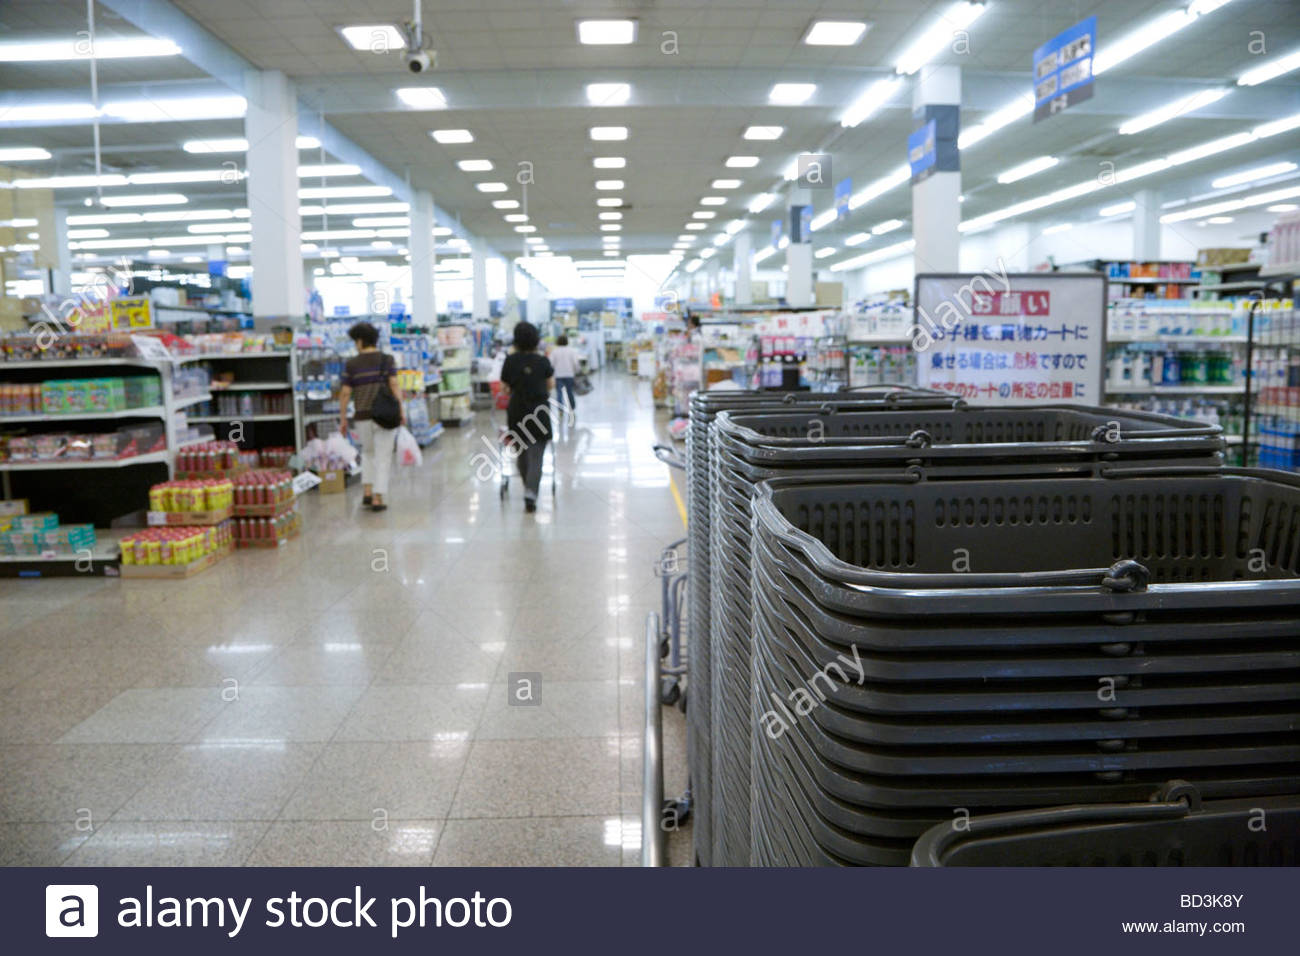 Magasin japonais avec beaucoup de paniers à l'entrée Photo Stock